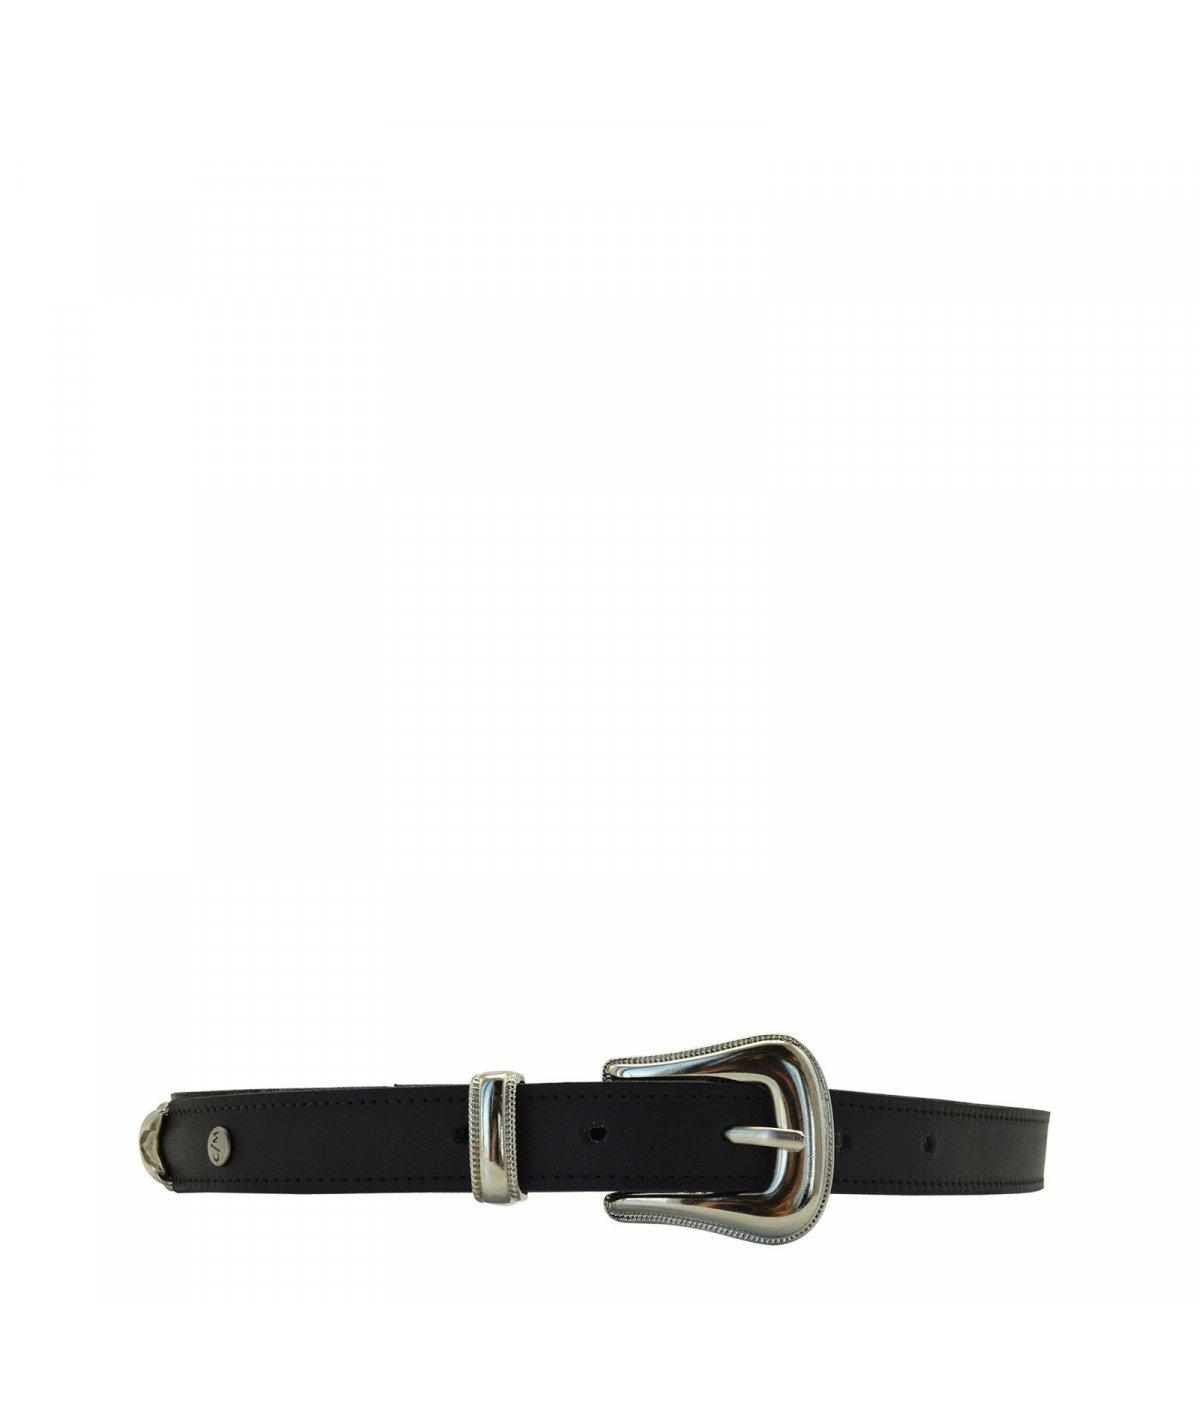 Cinturon Mujer 815 Cuero liso